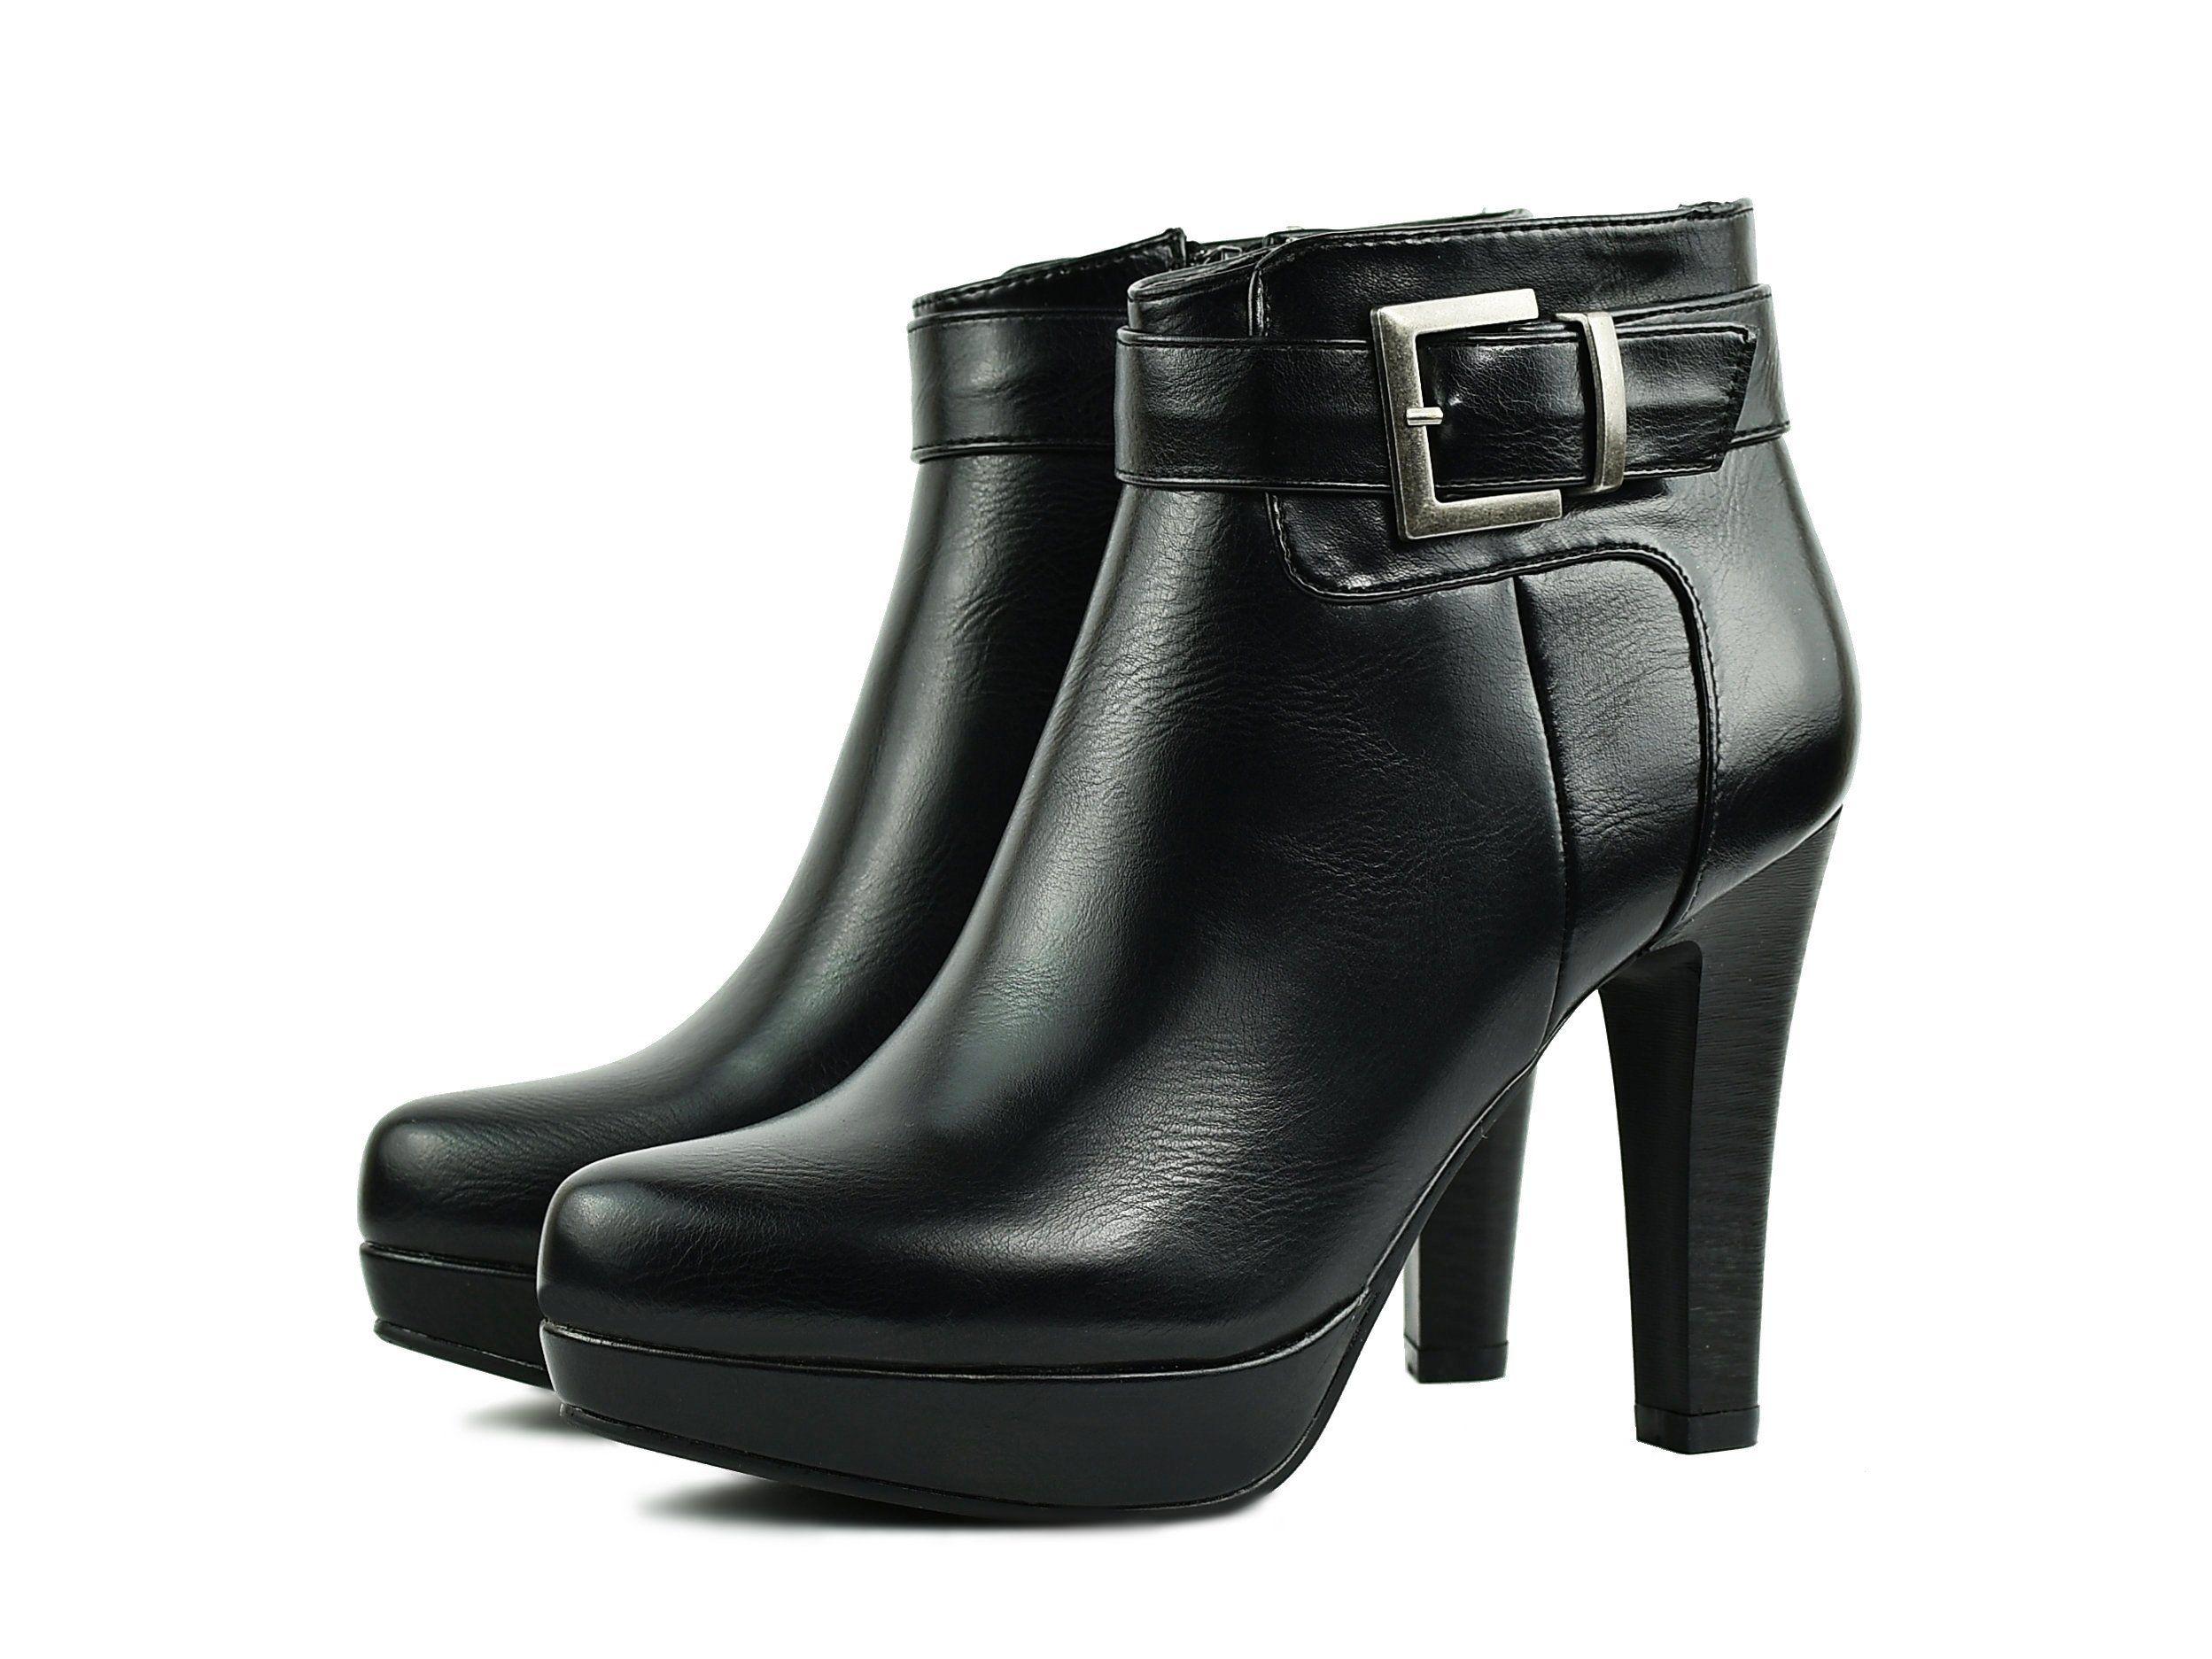 Jezzi Botki Szpilki Platforma Zamek Czarny Nowosc 6446035081 Oficjalne Archiwum Allegro Ankle Boot Boots Shoes